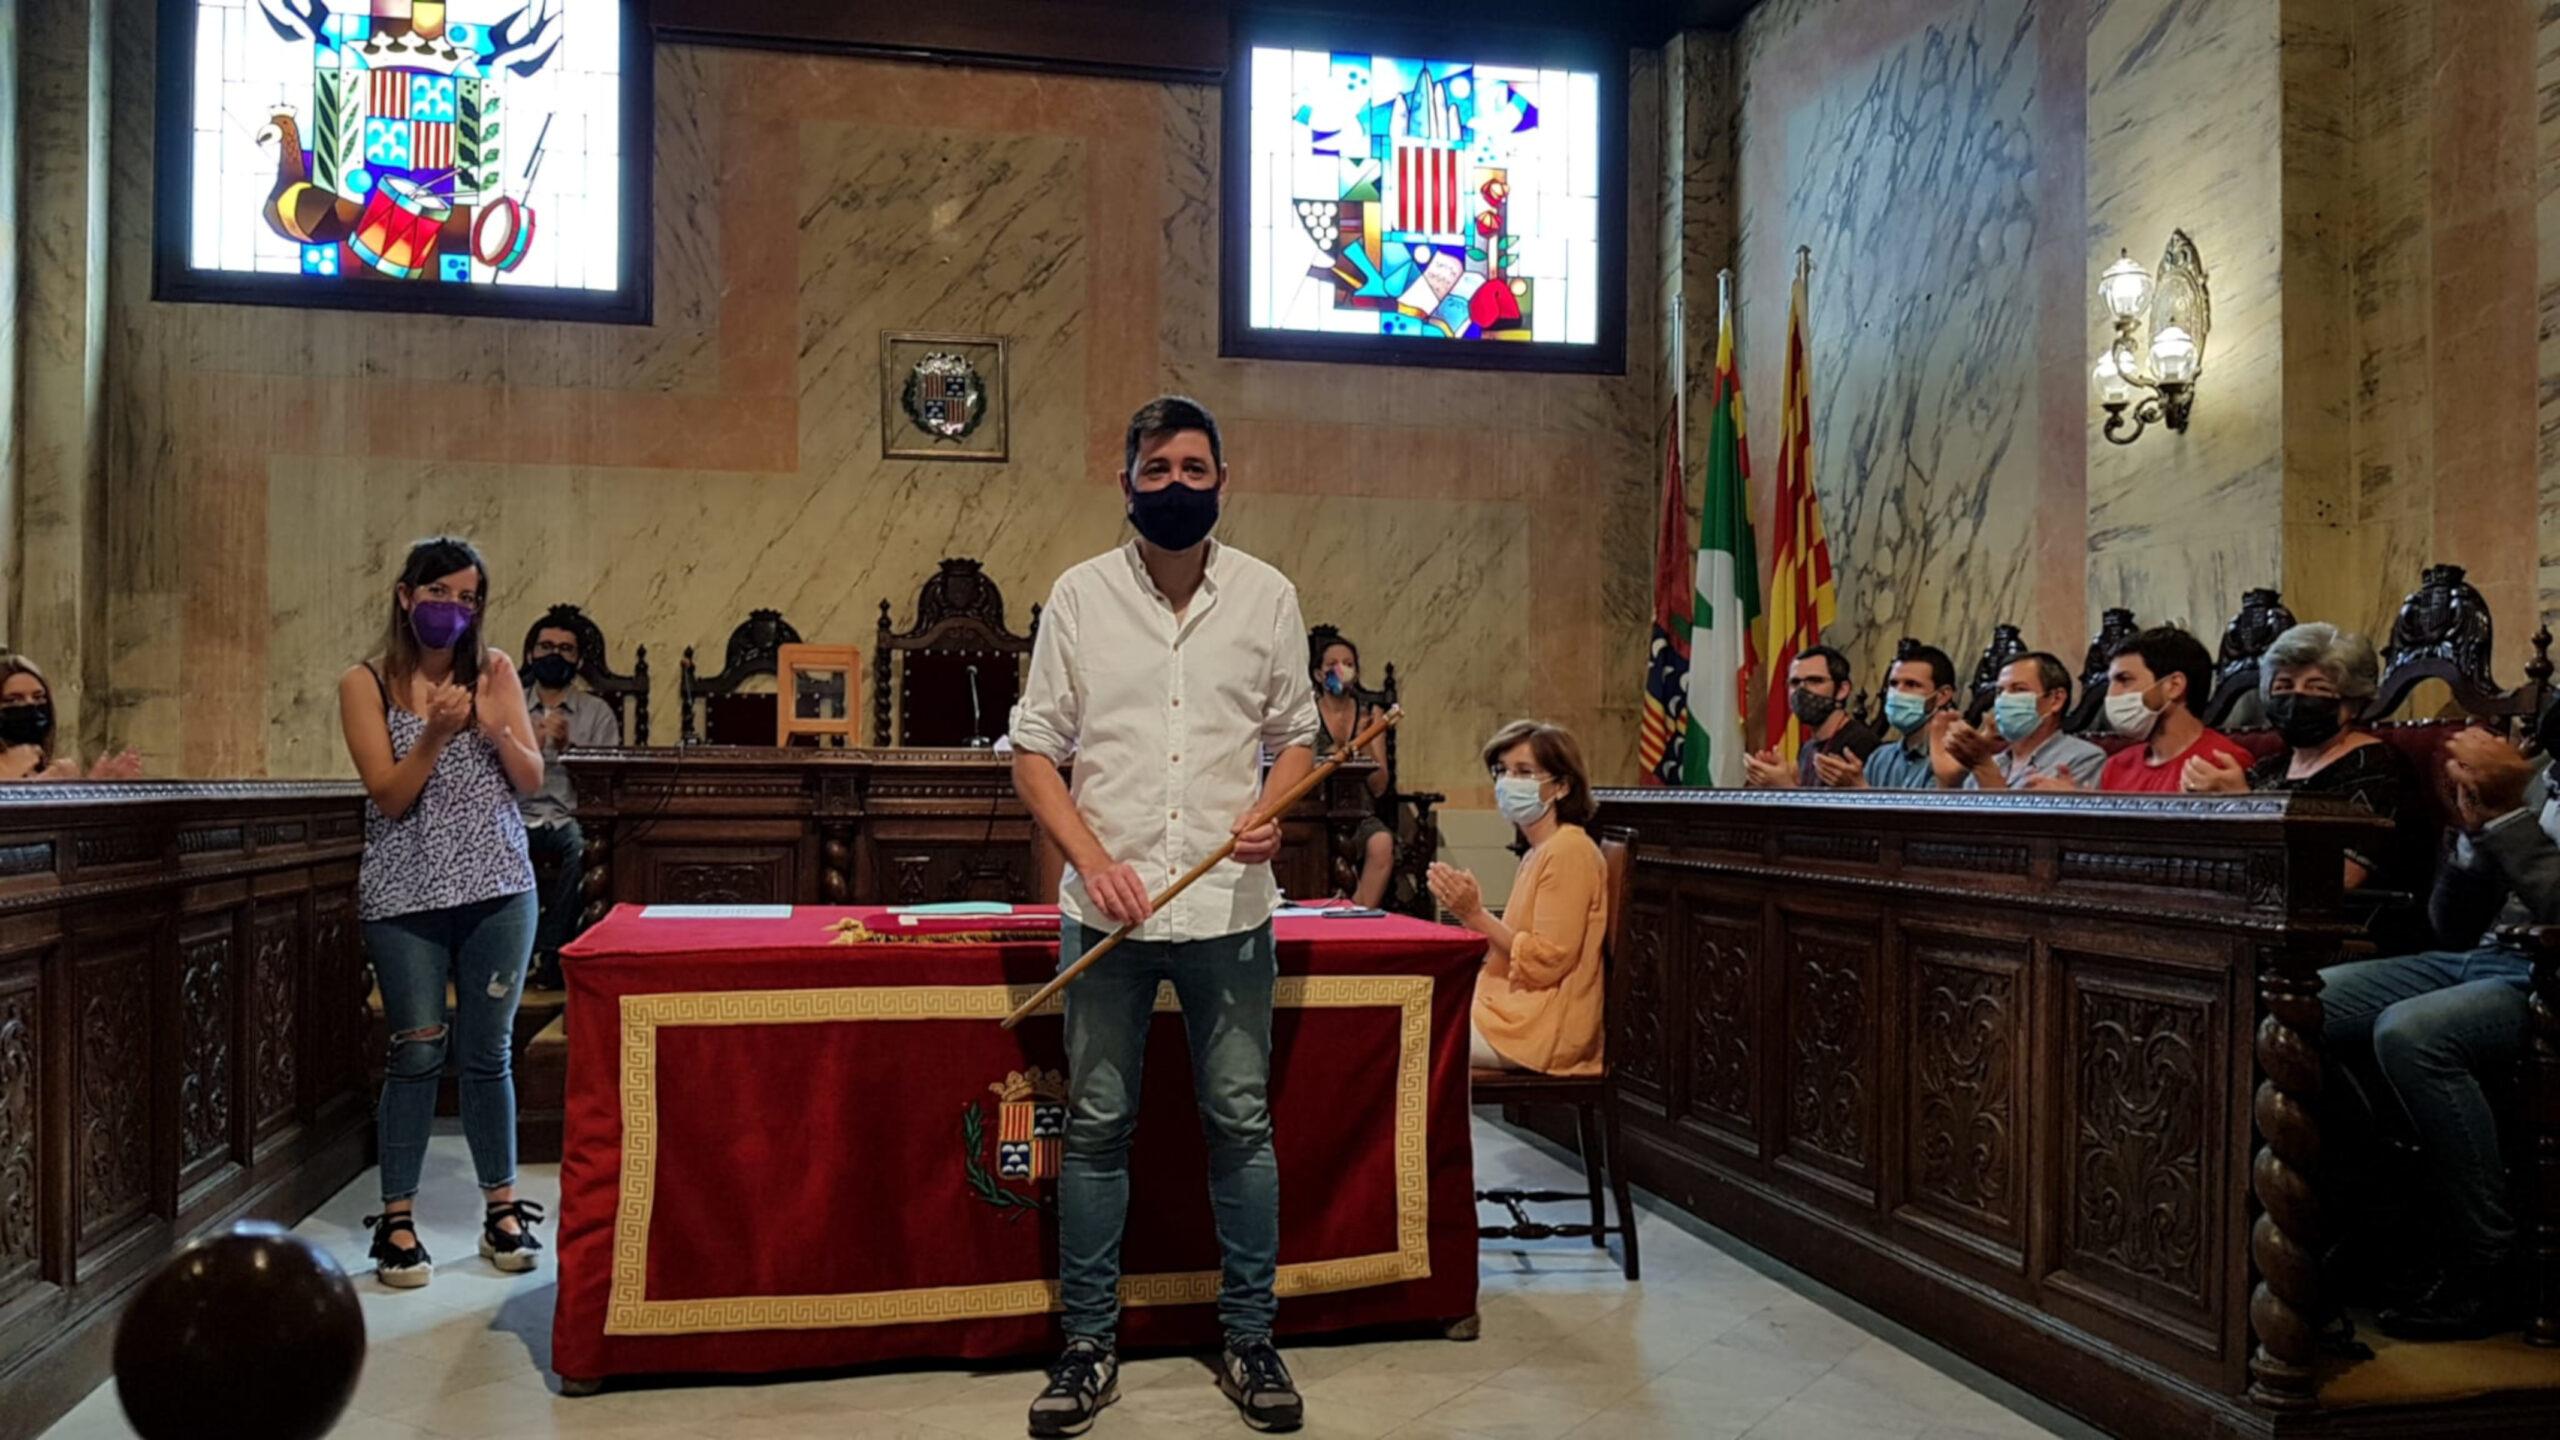 El nou alcalde de Berga, Ivan Sànchez, amb la vara després de ser investit / ACN